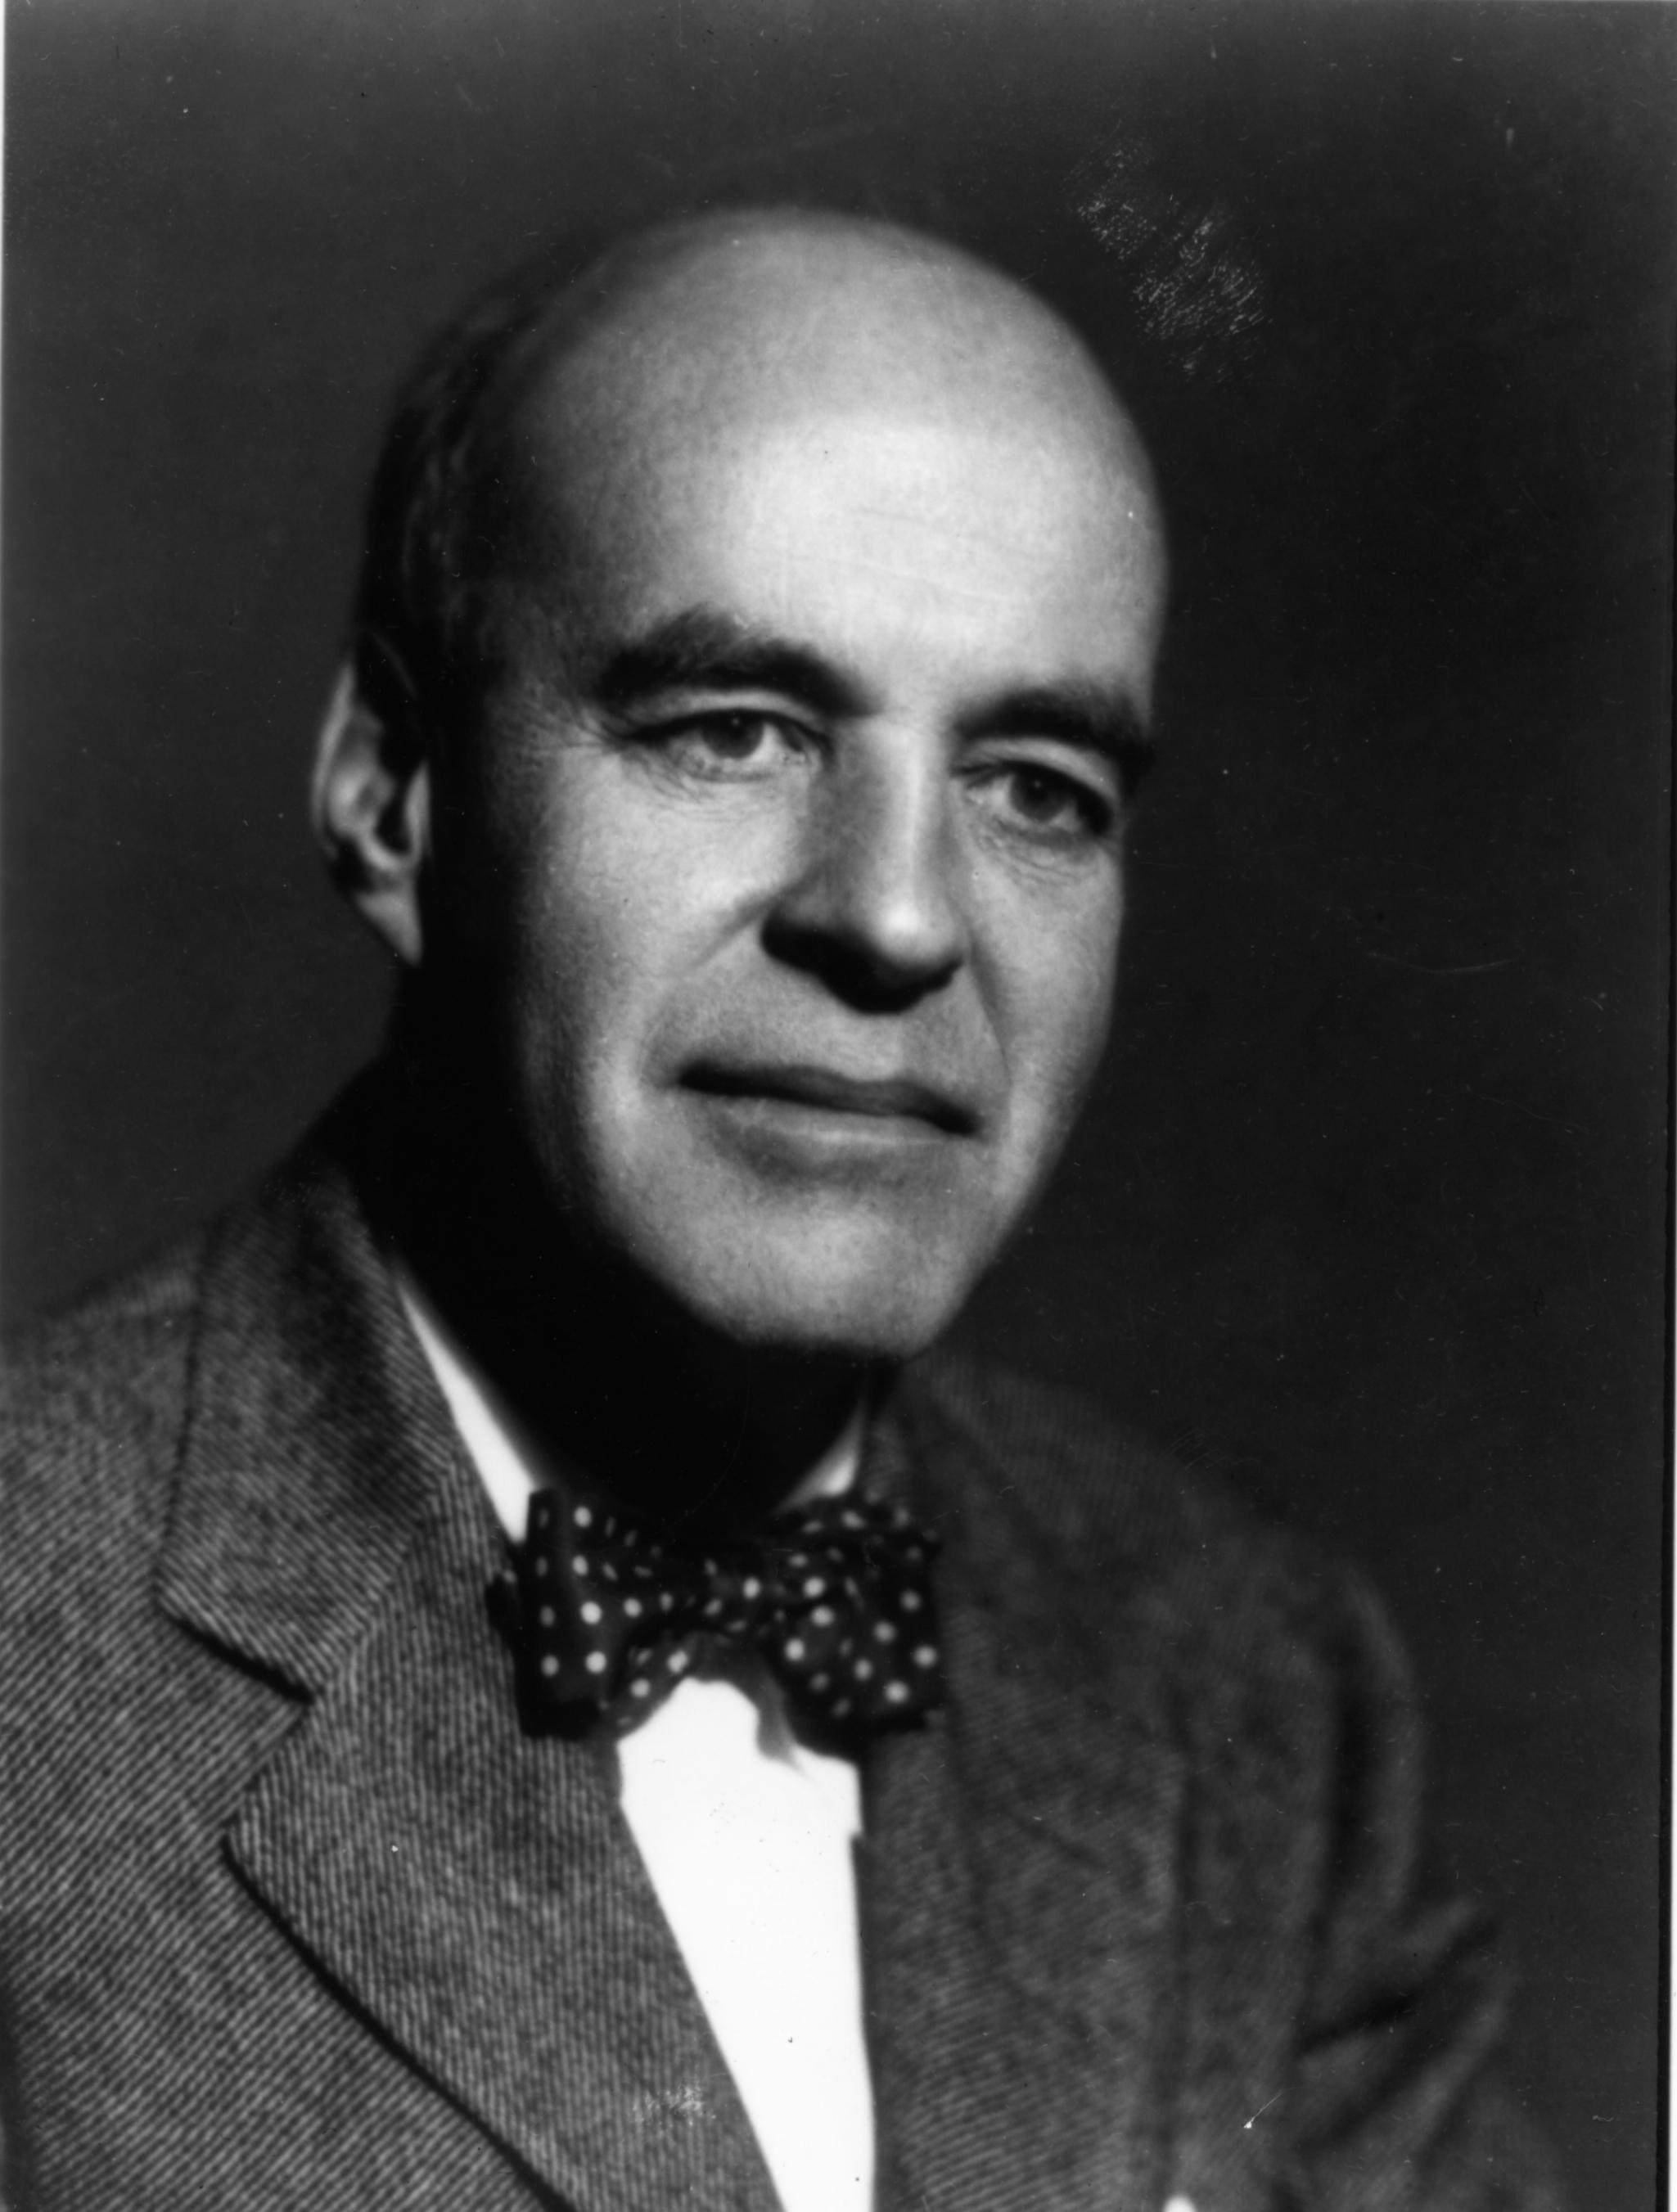 Lloyd K. Garrison